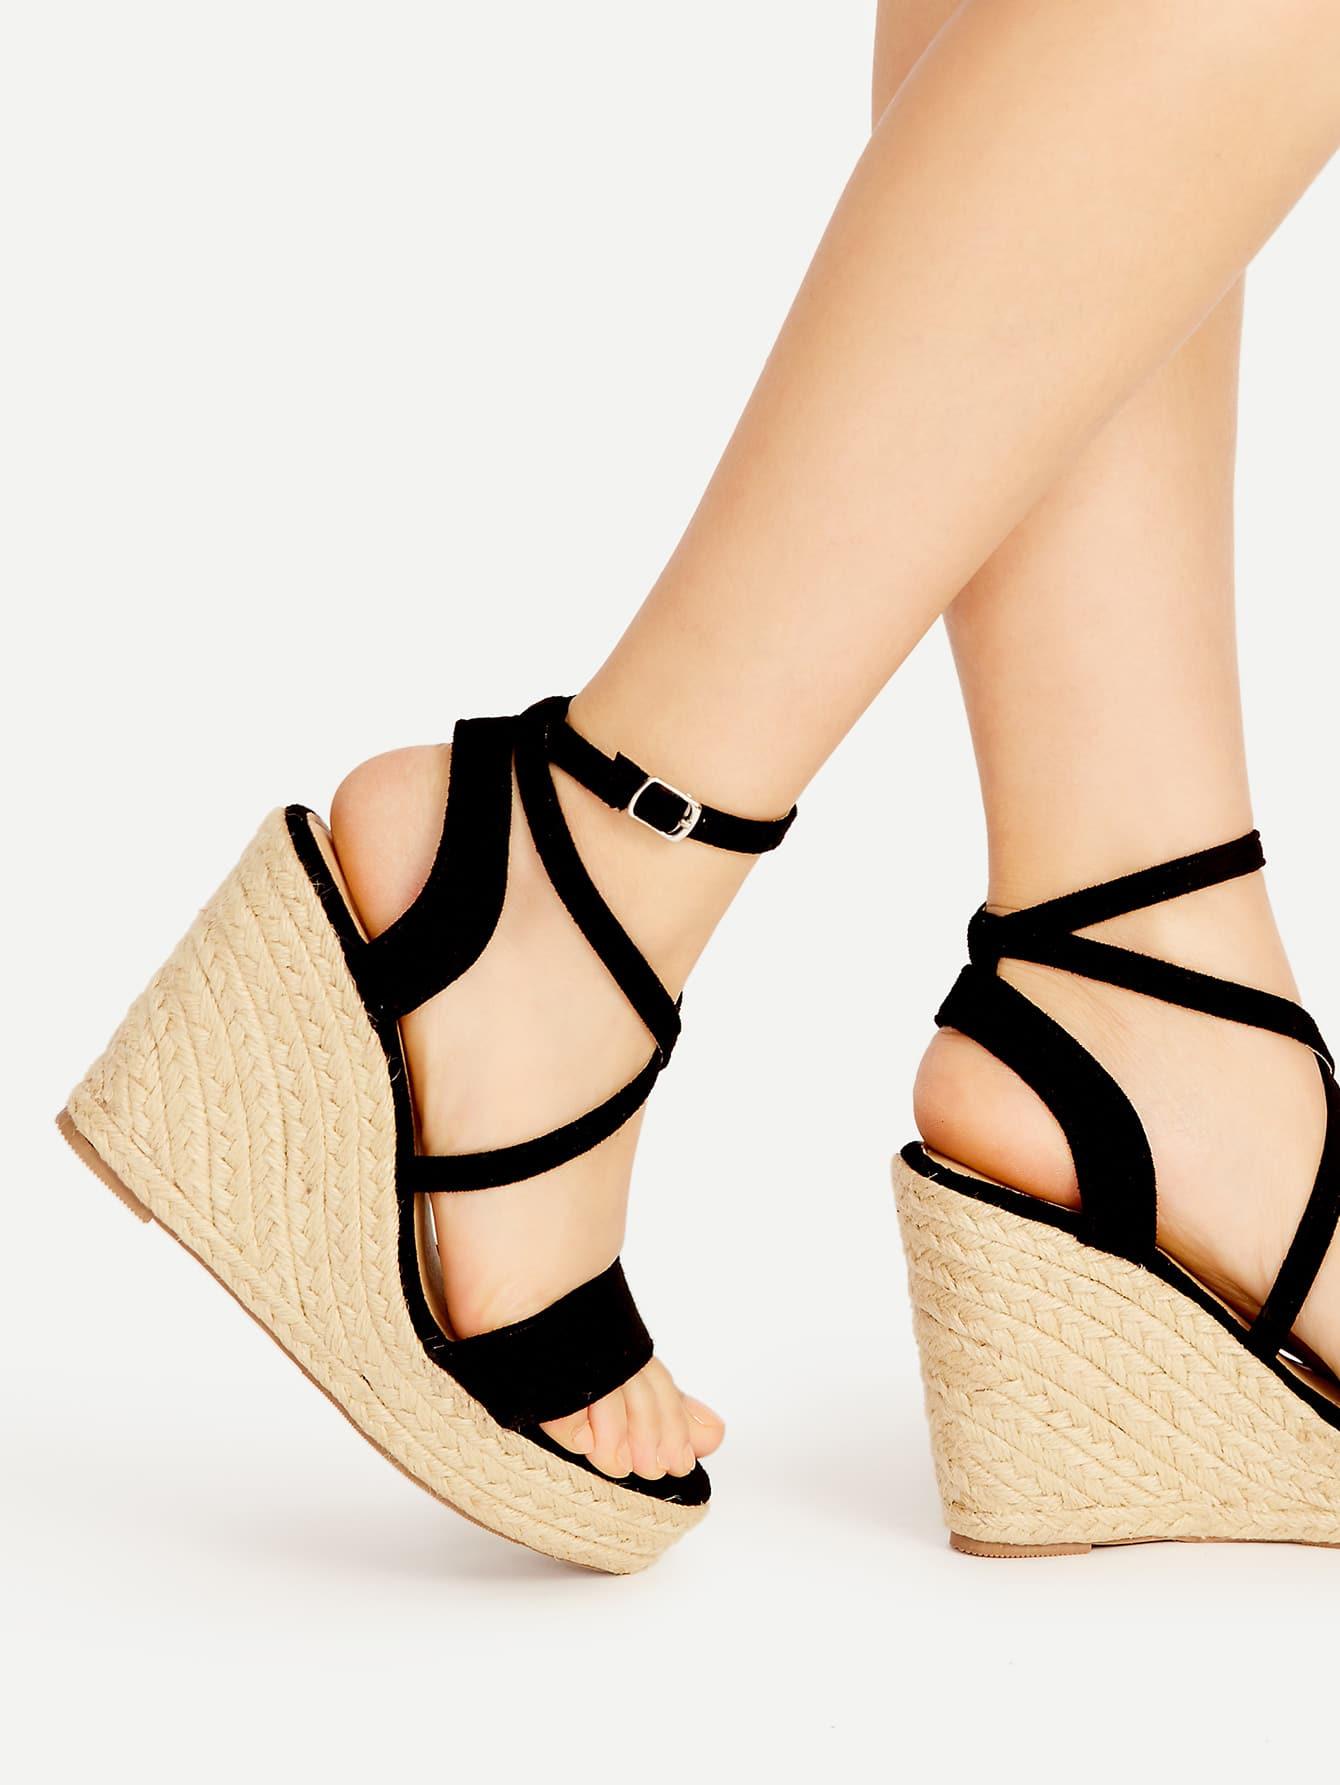 shoes170327810_2